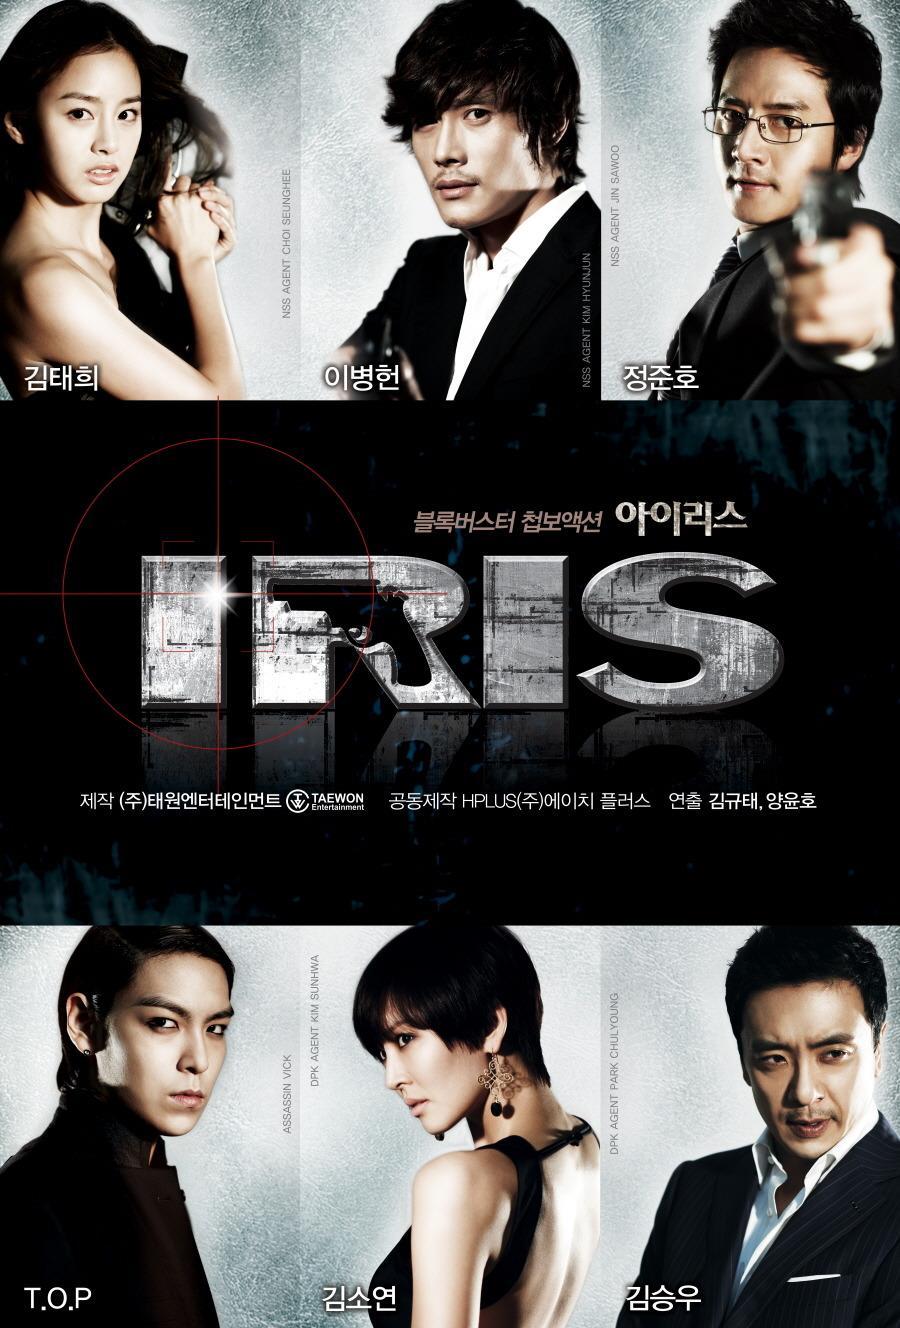 [韓劇] 아이리스 (特務情人IRIS) (2009) Fullsizephoto91897